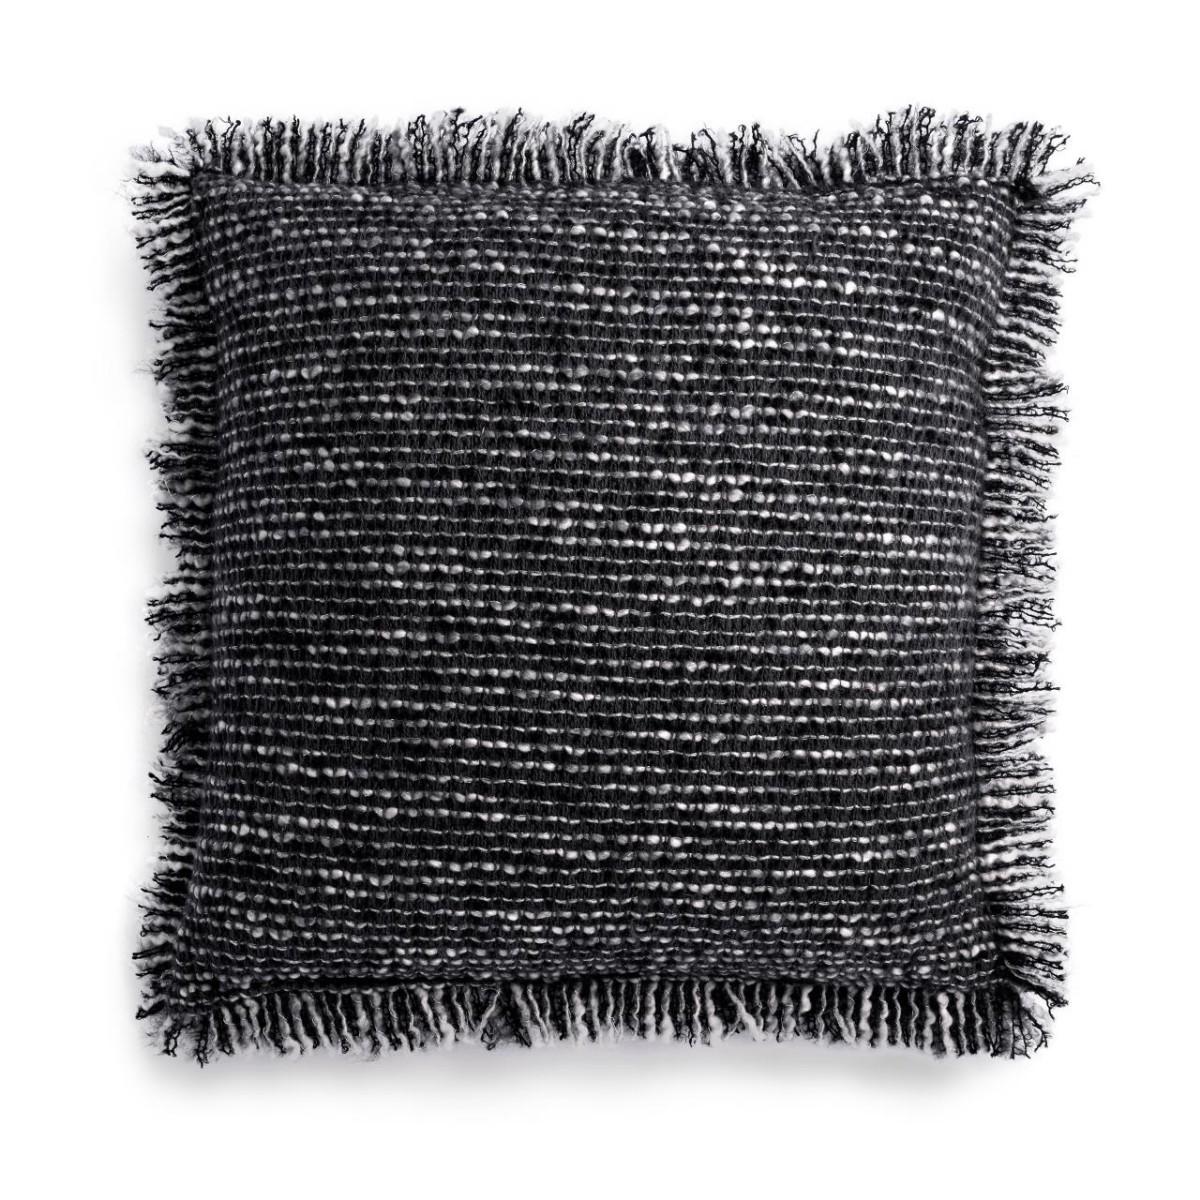 L'Objet I Seville Bouclé Pillow - Small I Charcoal